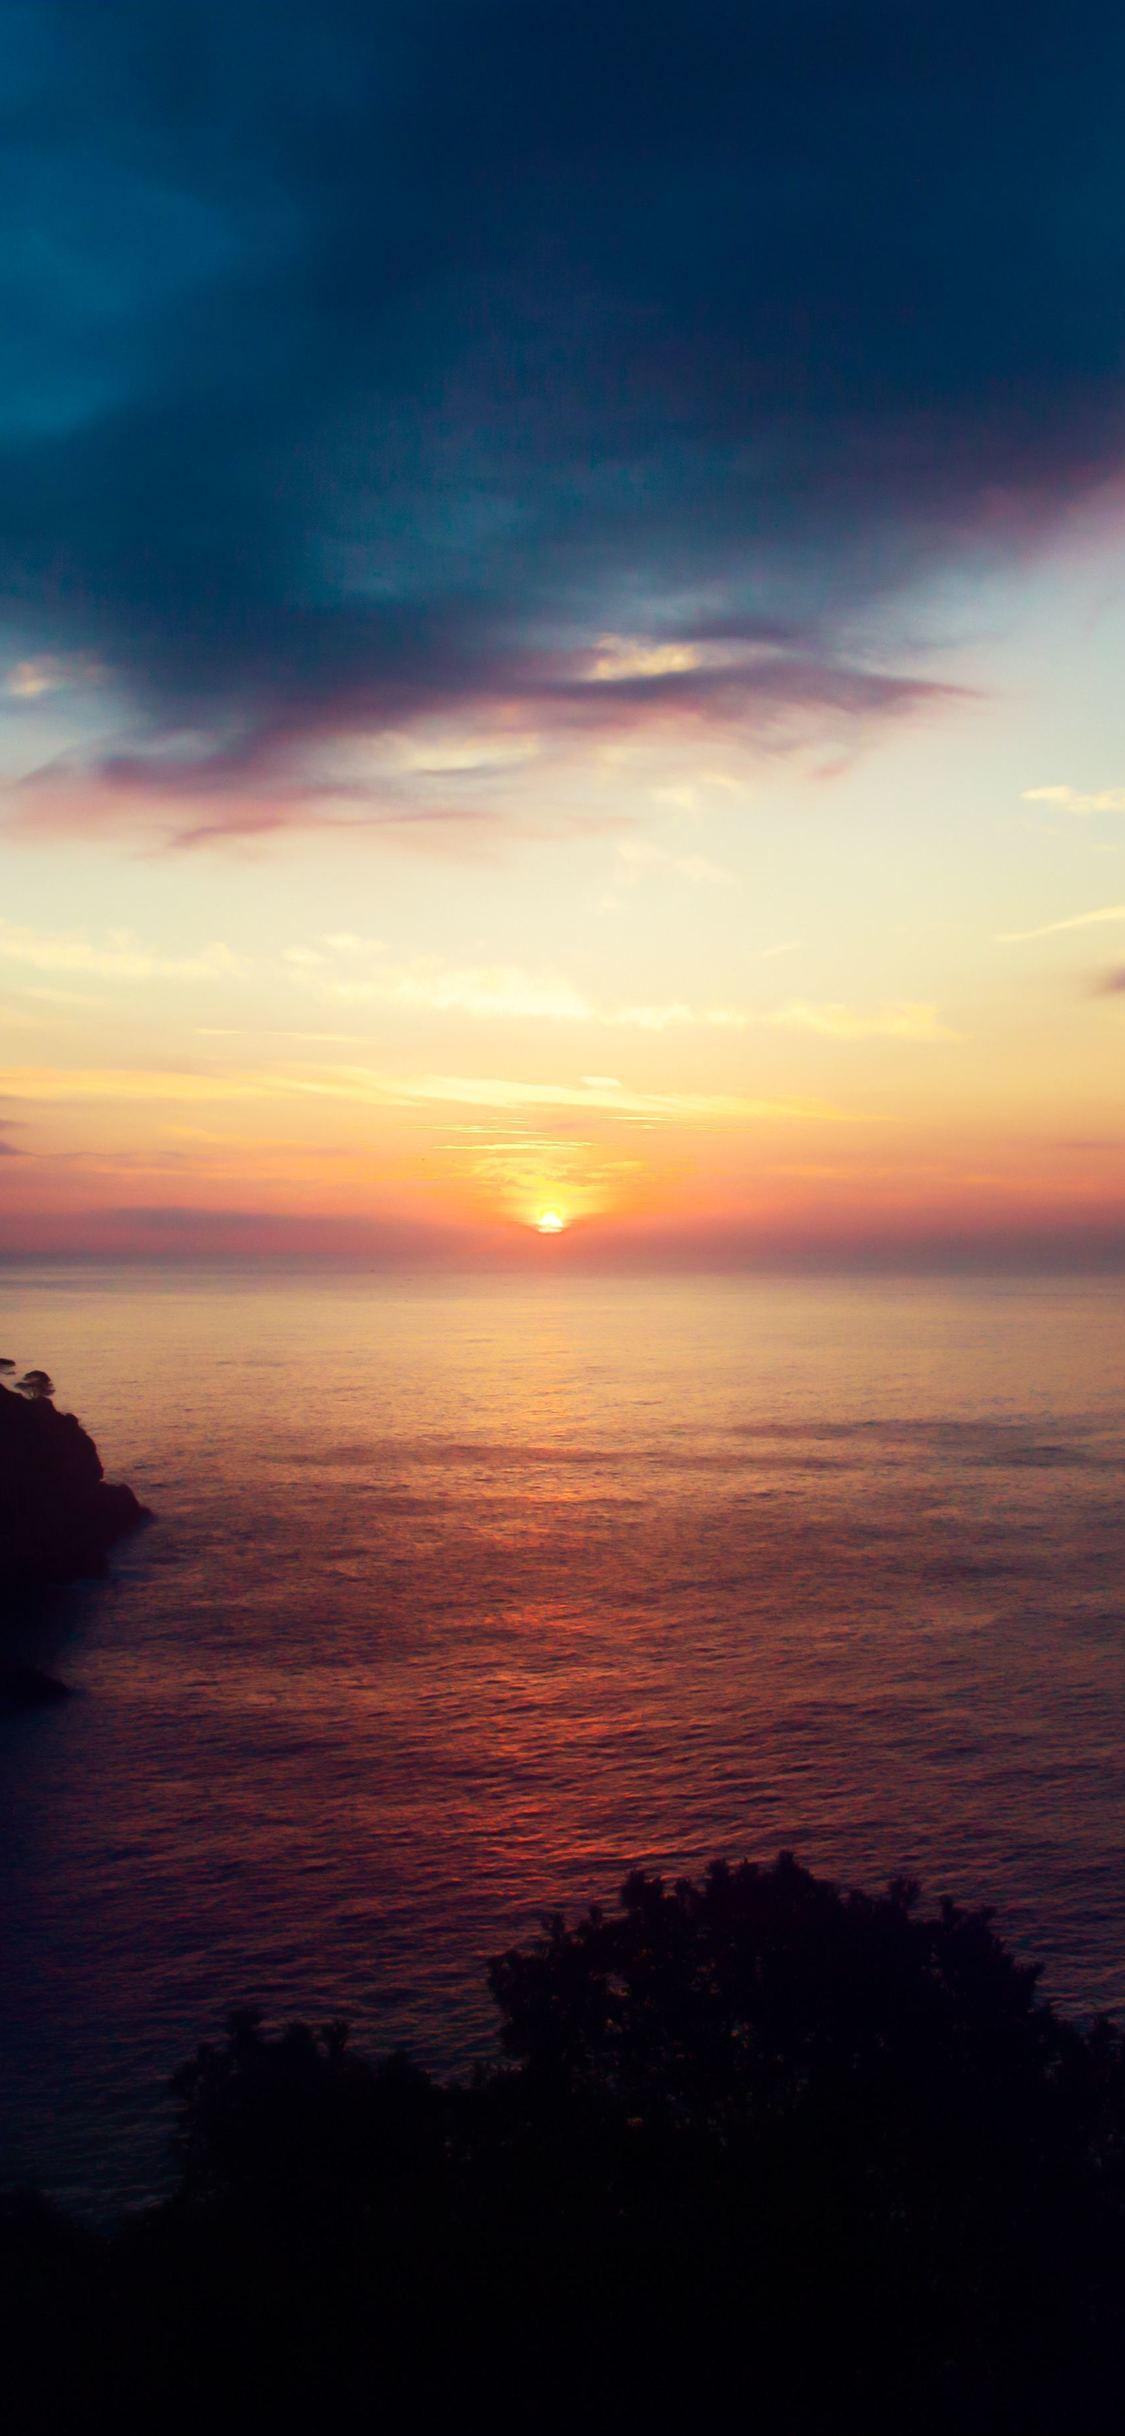 Ocean Beach Sunset - Iphone X , HD Wallpaper & Backgrounds